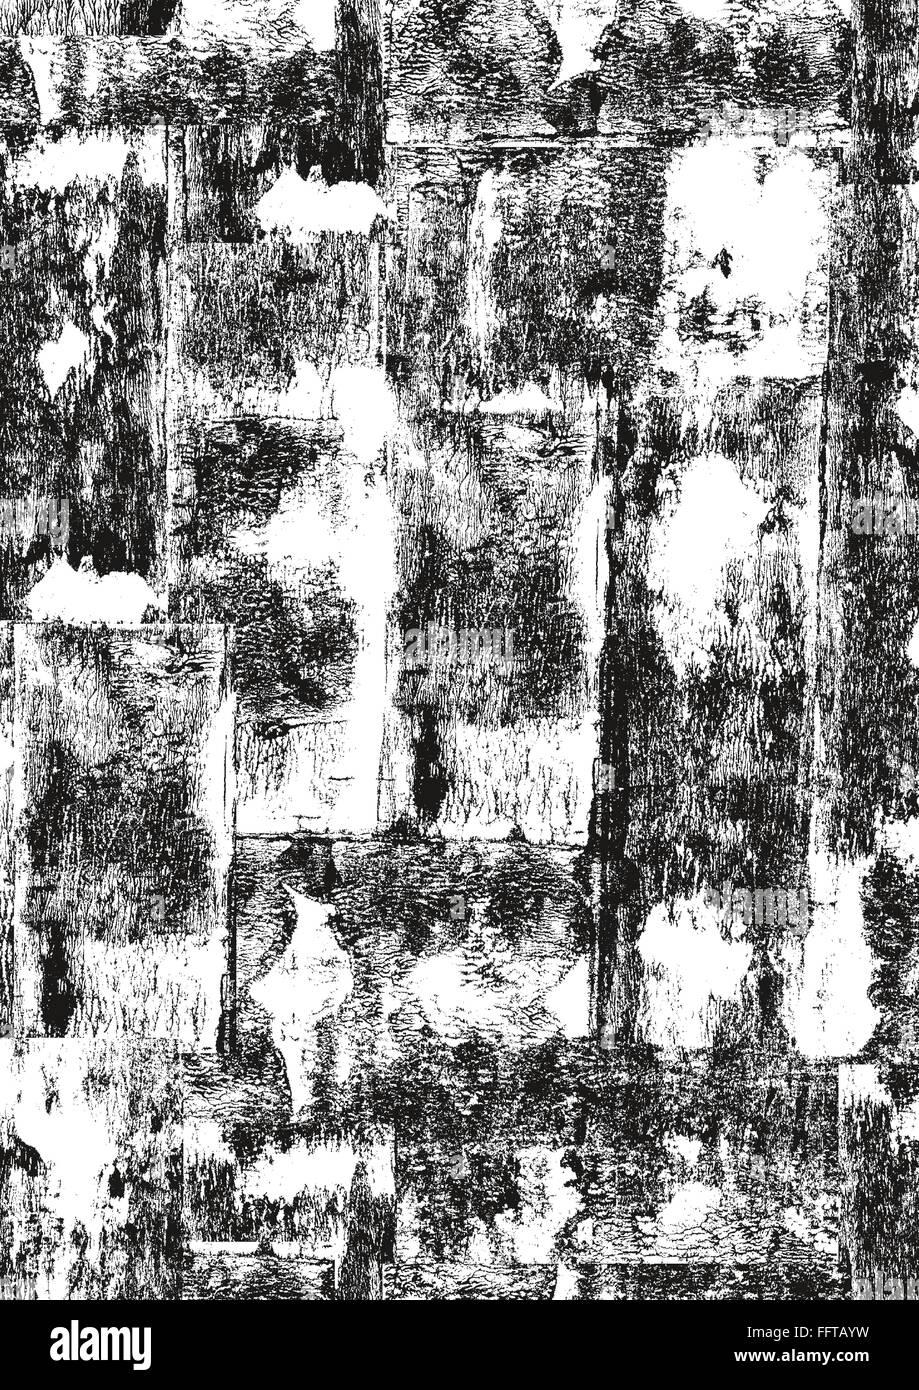 Struktur Grau Weiss Textur Malen Farbe Zeichnen Schrabbelig Schraffiert  Schraffieren Kreide Kreidestruktur Gerissen Spachtel Spa